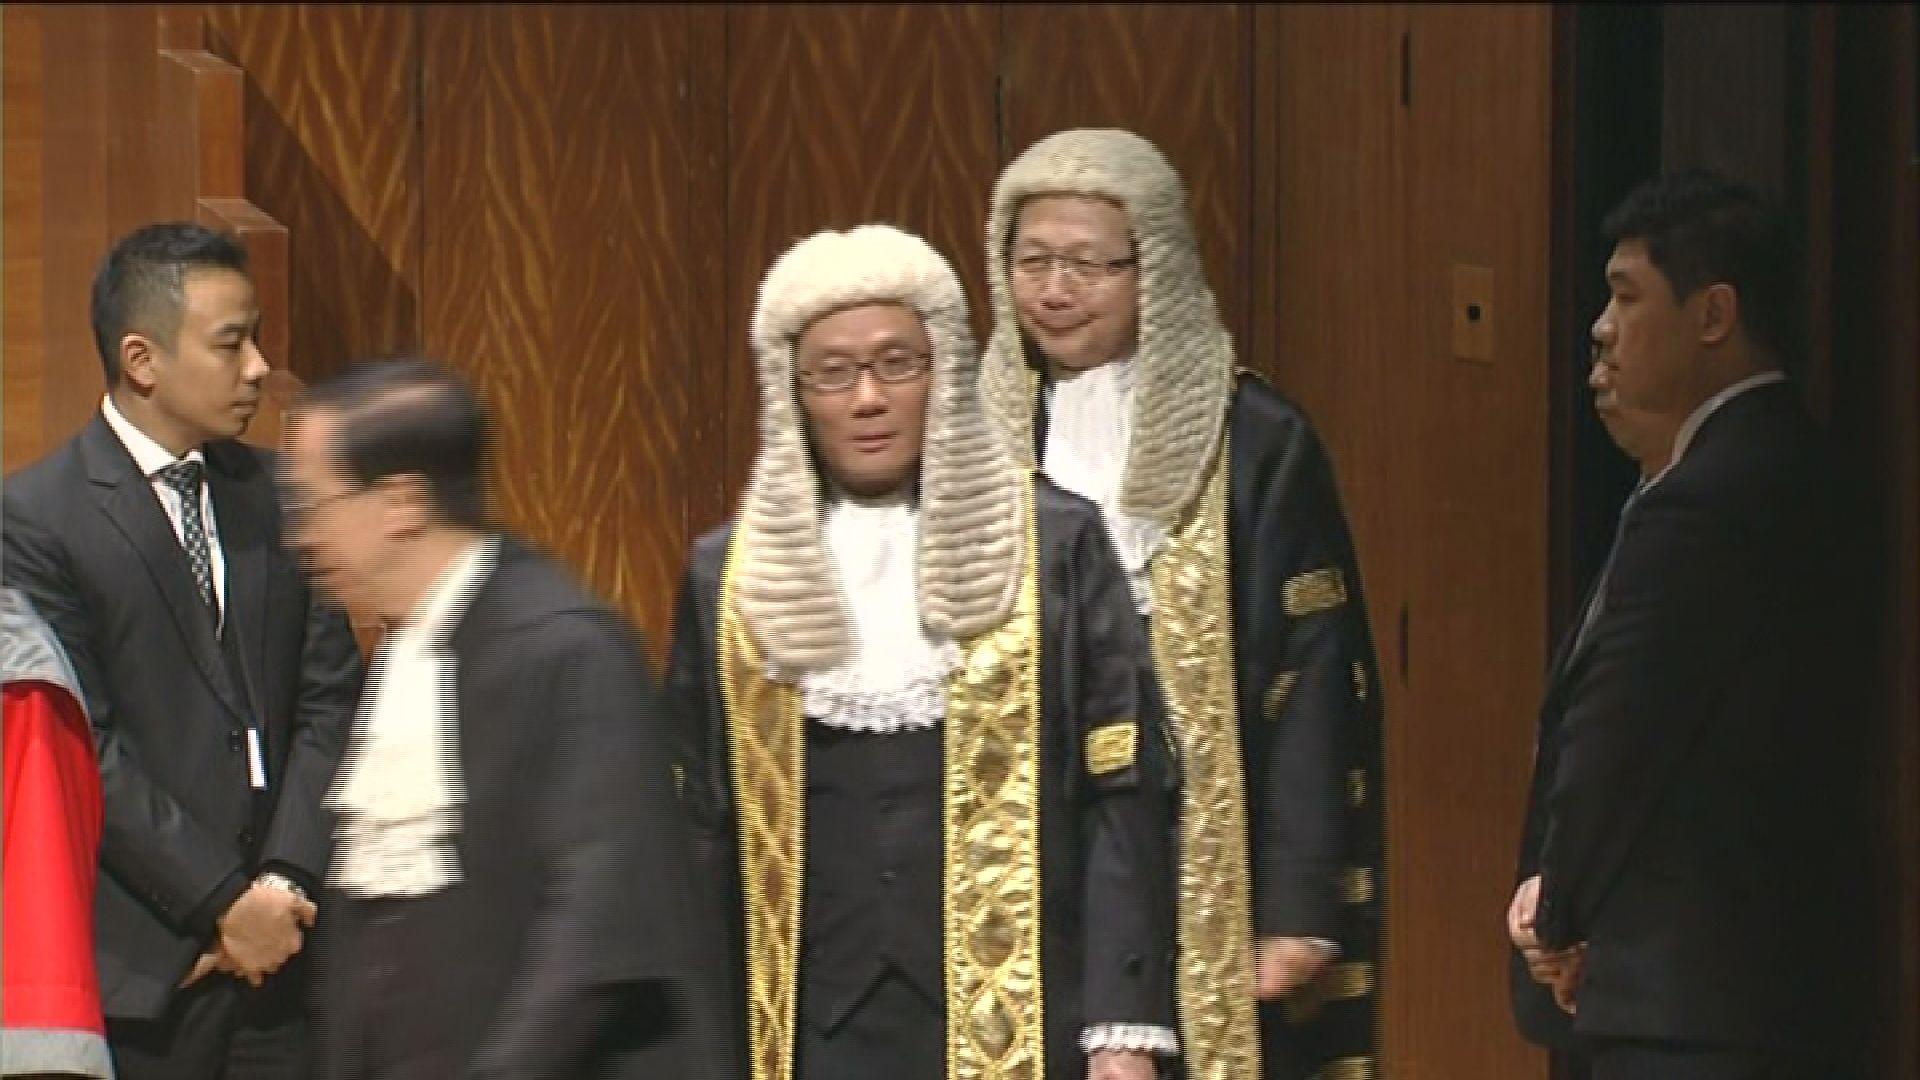 張舉能獲委任終院首席法官 曾採納人大釋法判梁游宣誓無效